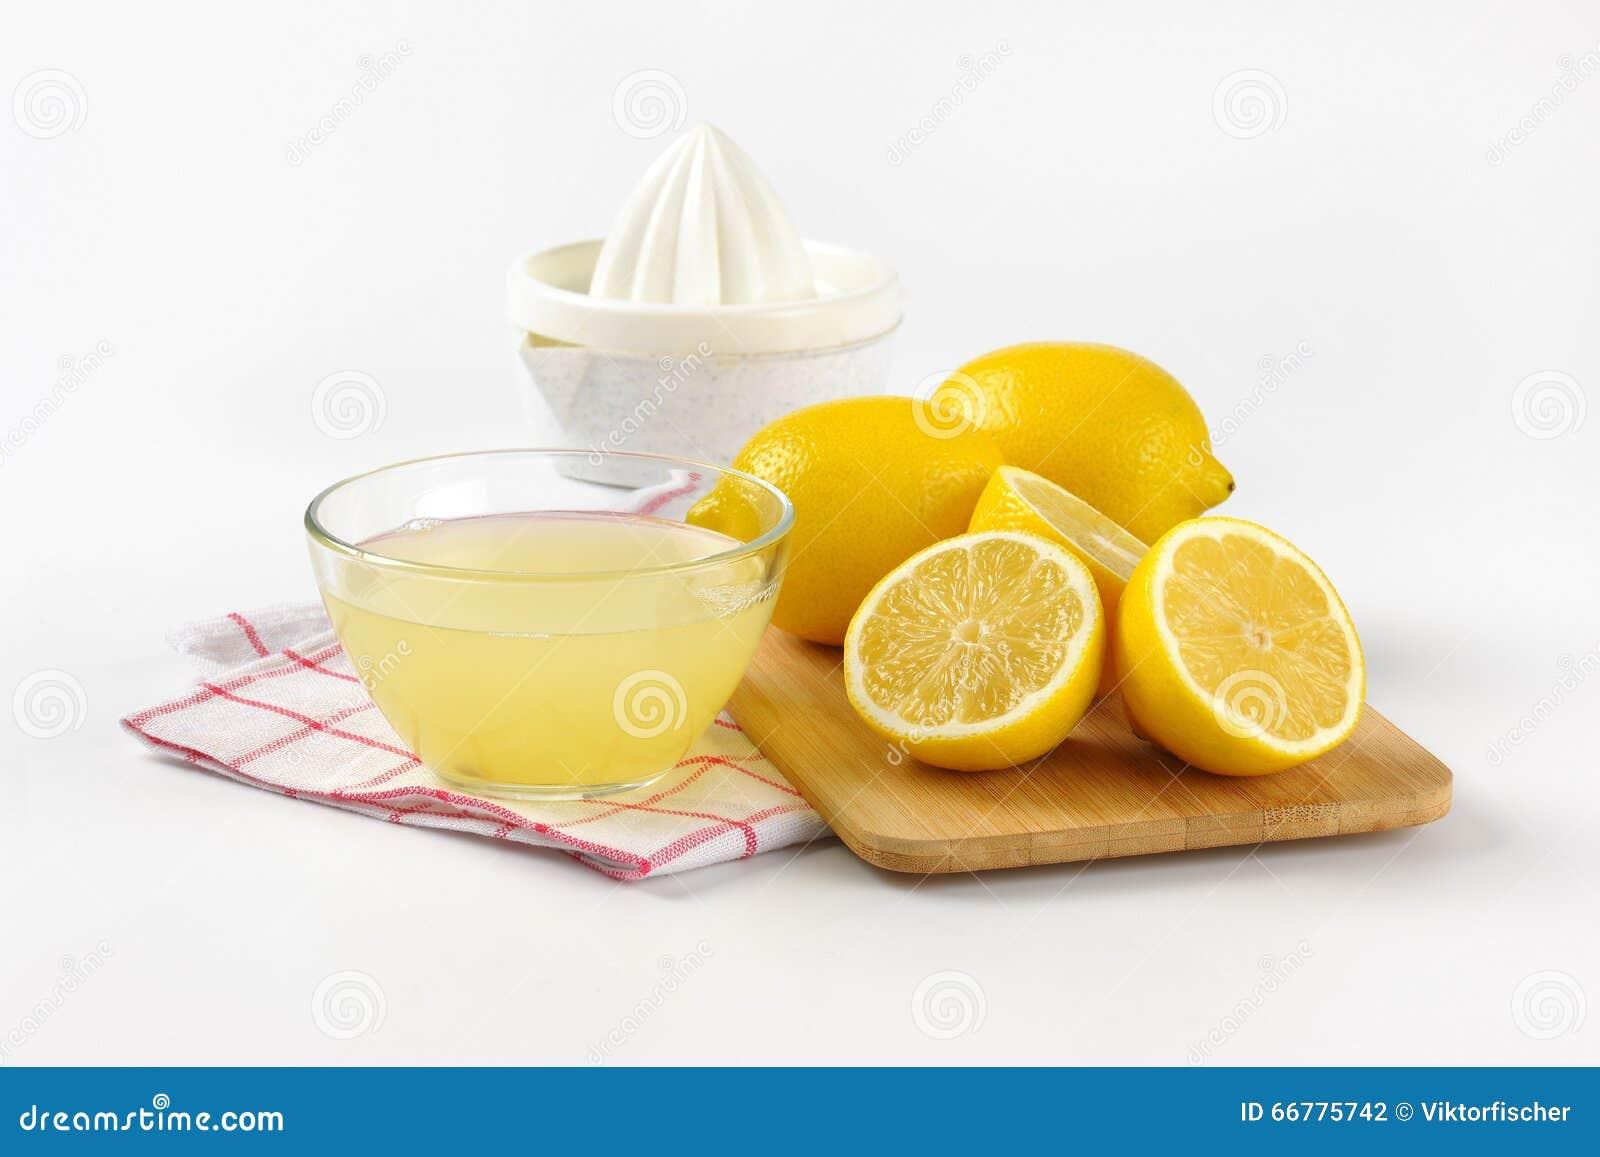 Jus de citron et citrons frais